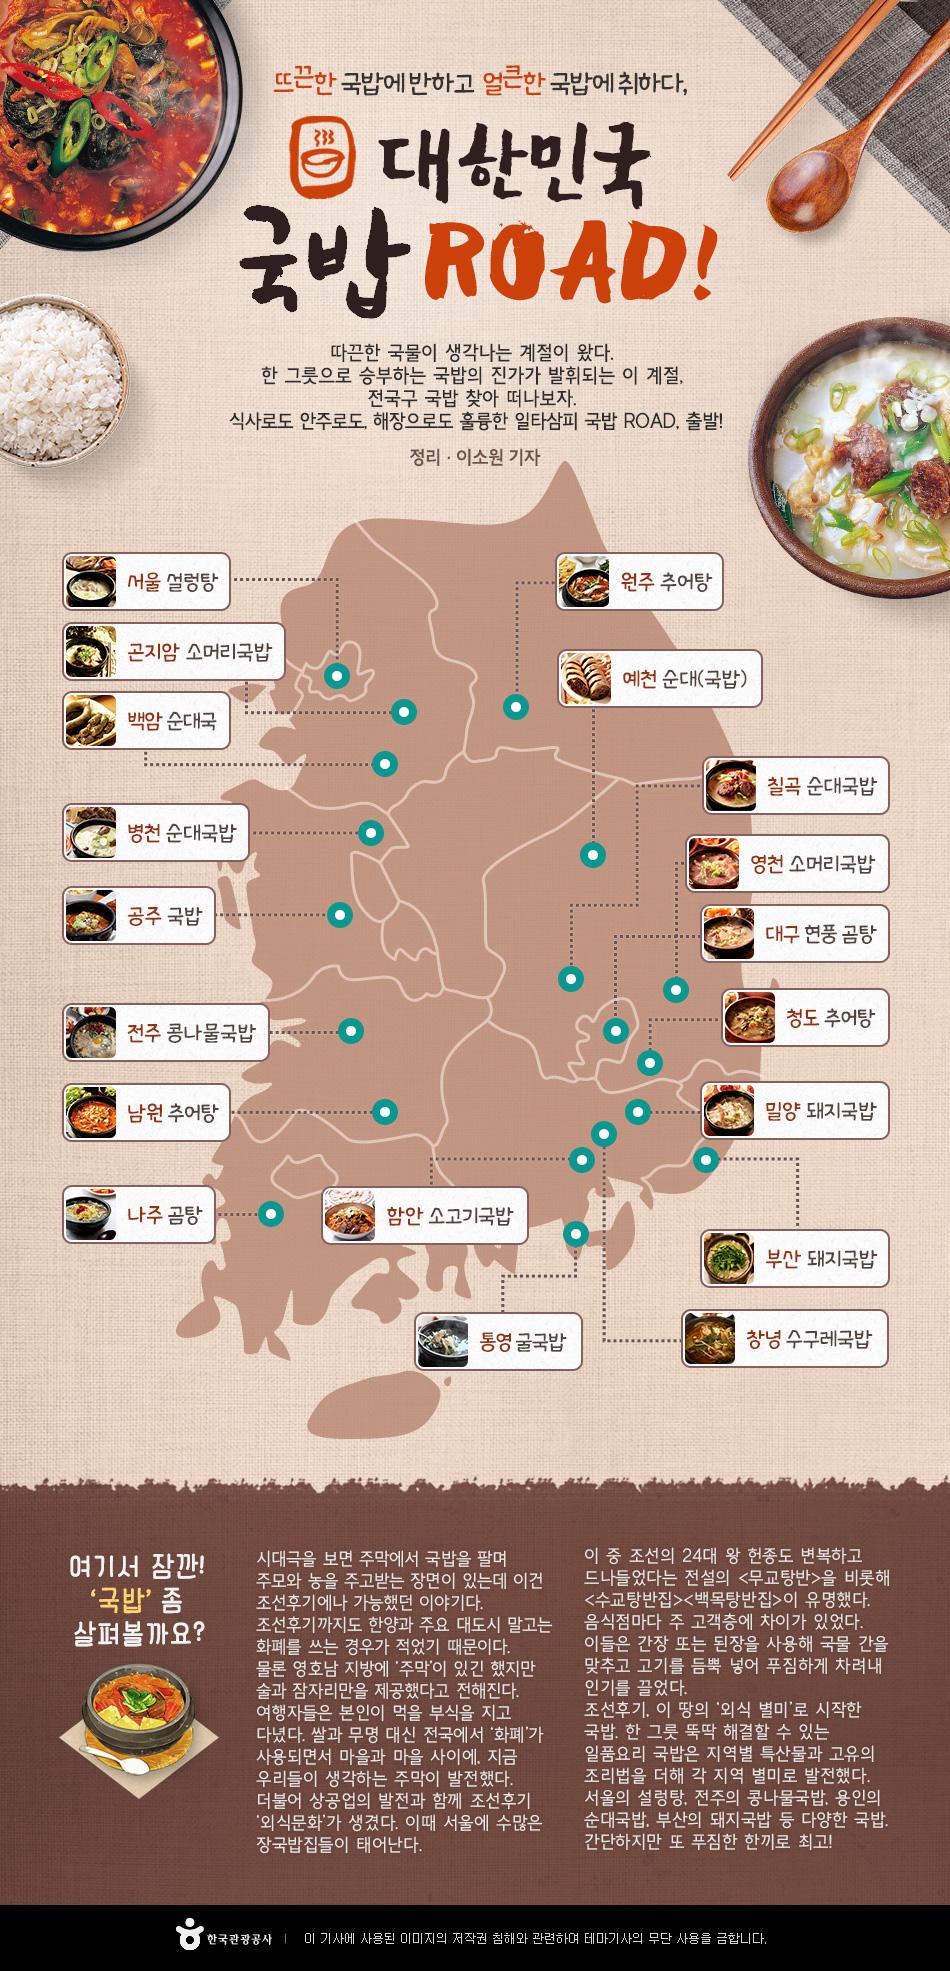 대한민국 국밥 ROAD!